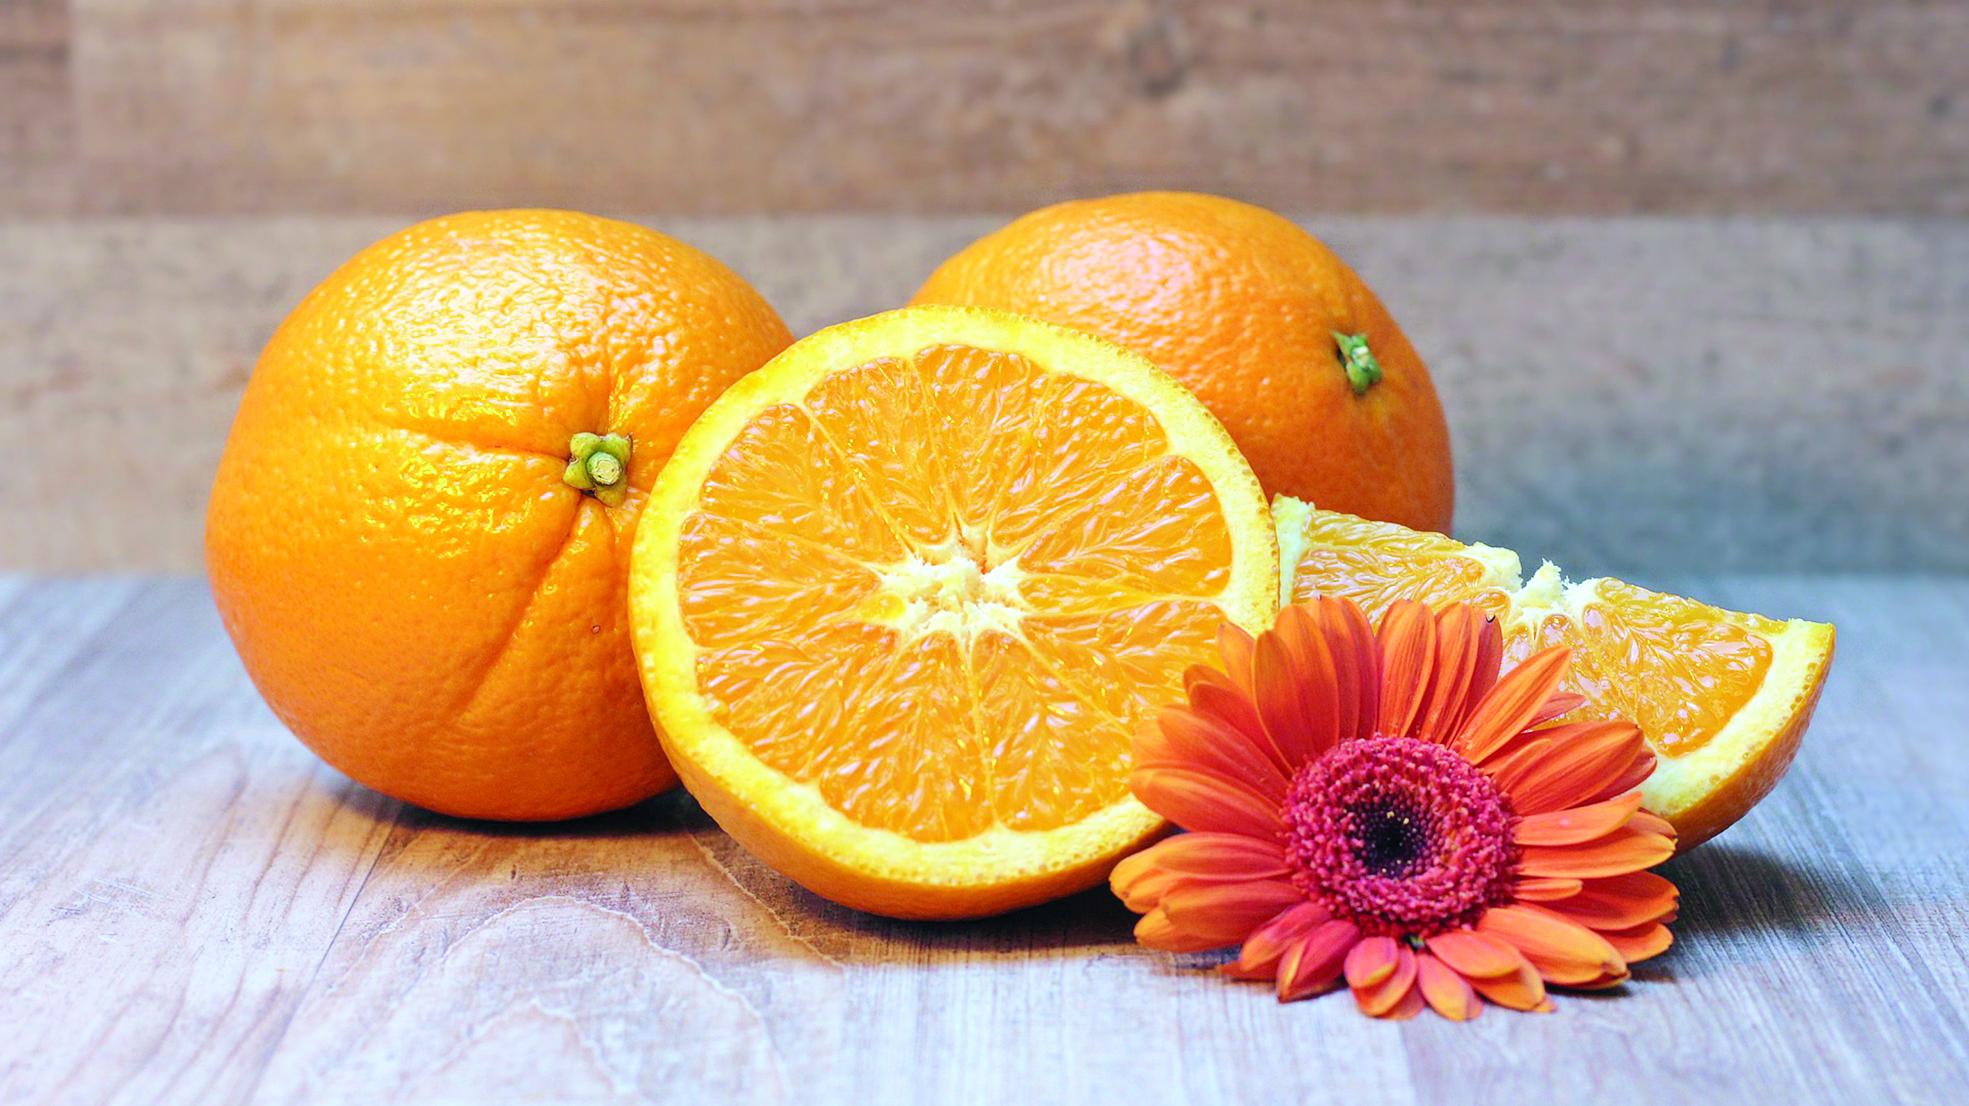 اكتشفي فوائد البرتقال المذهلة للبشرة